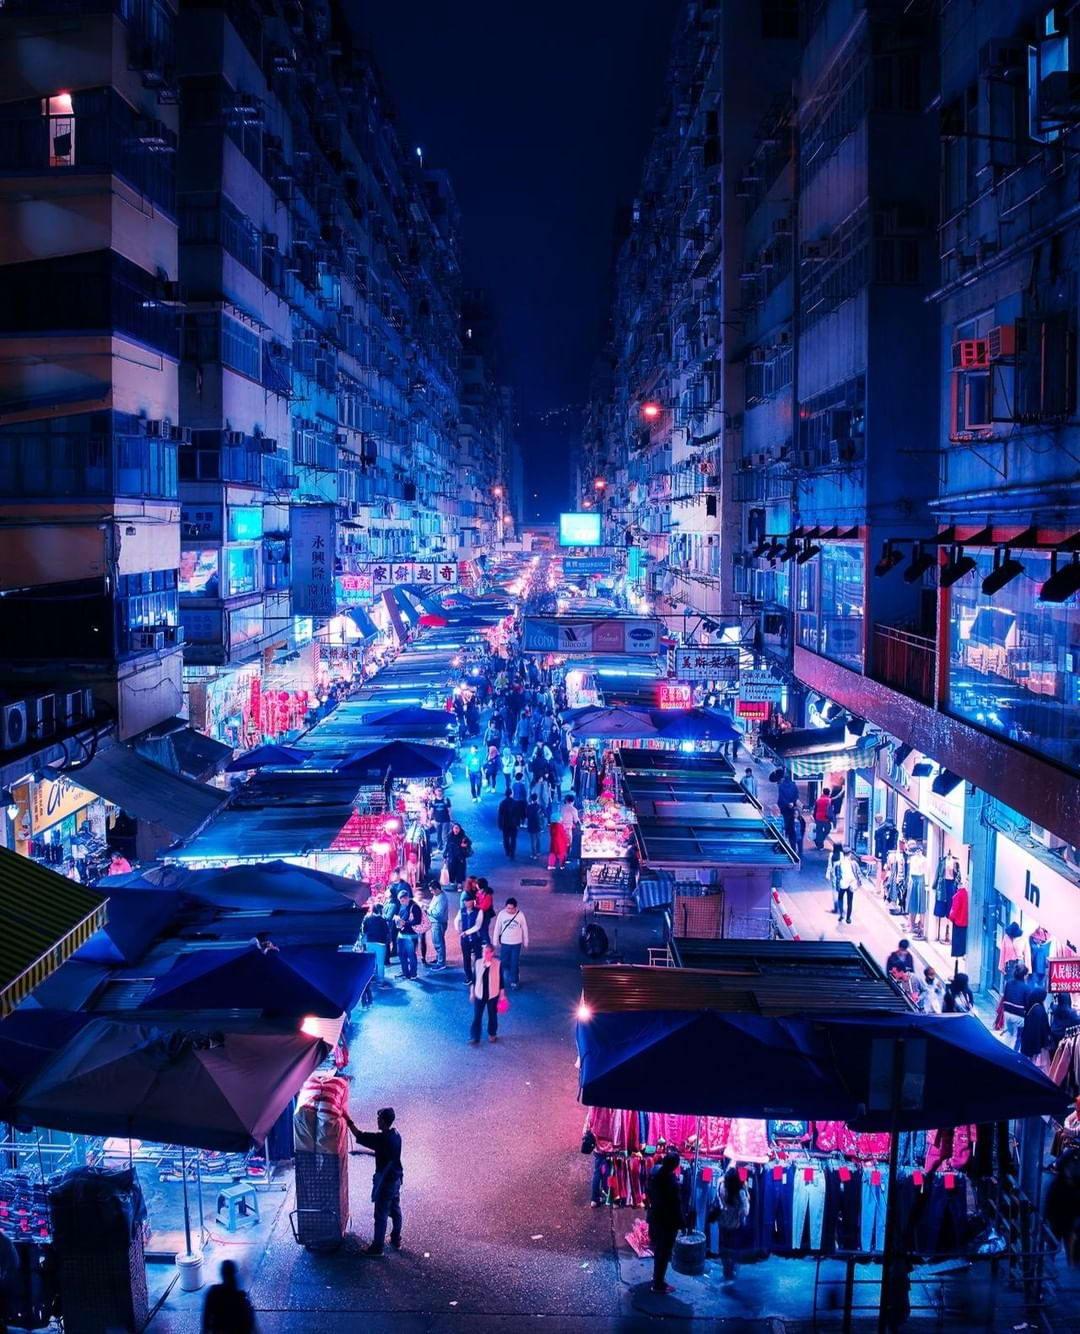 Тихие ночи в городе: фотограф снимает красивые фото повседневных сцен в крупных мегаполисах